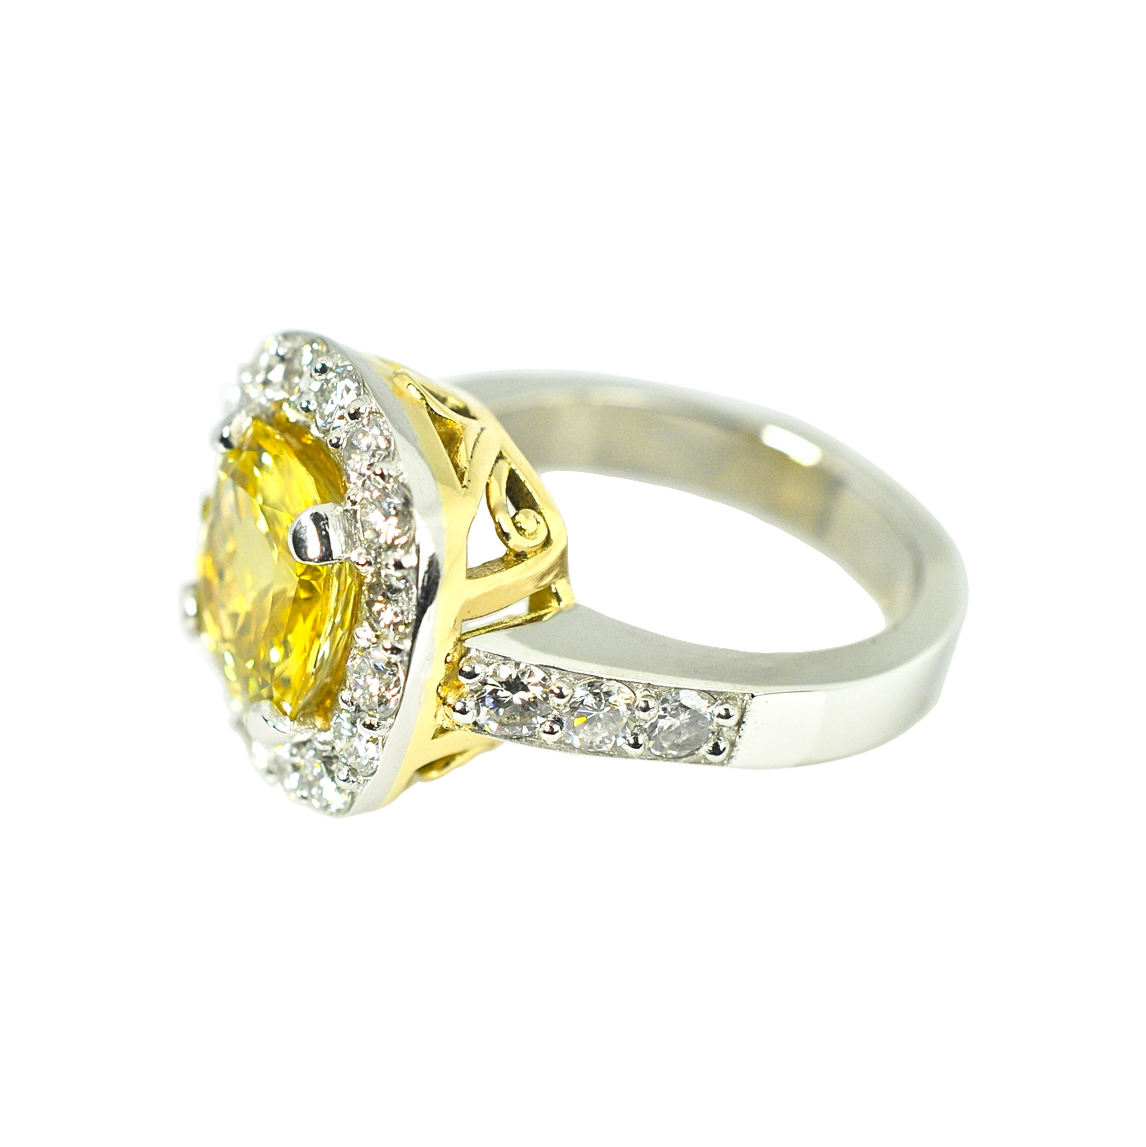 3.36ct Yellow Sapphire and Diamond Ring by Waylon Rhoads Jewelry